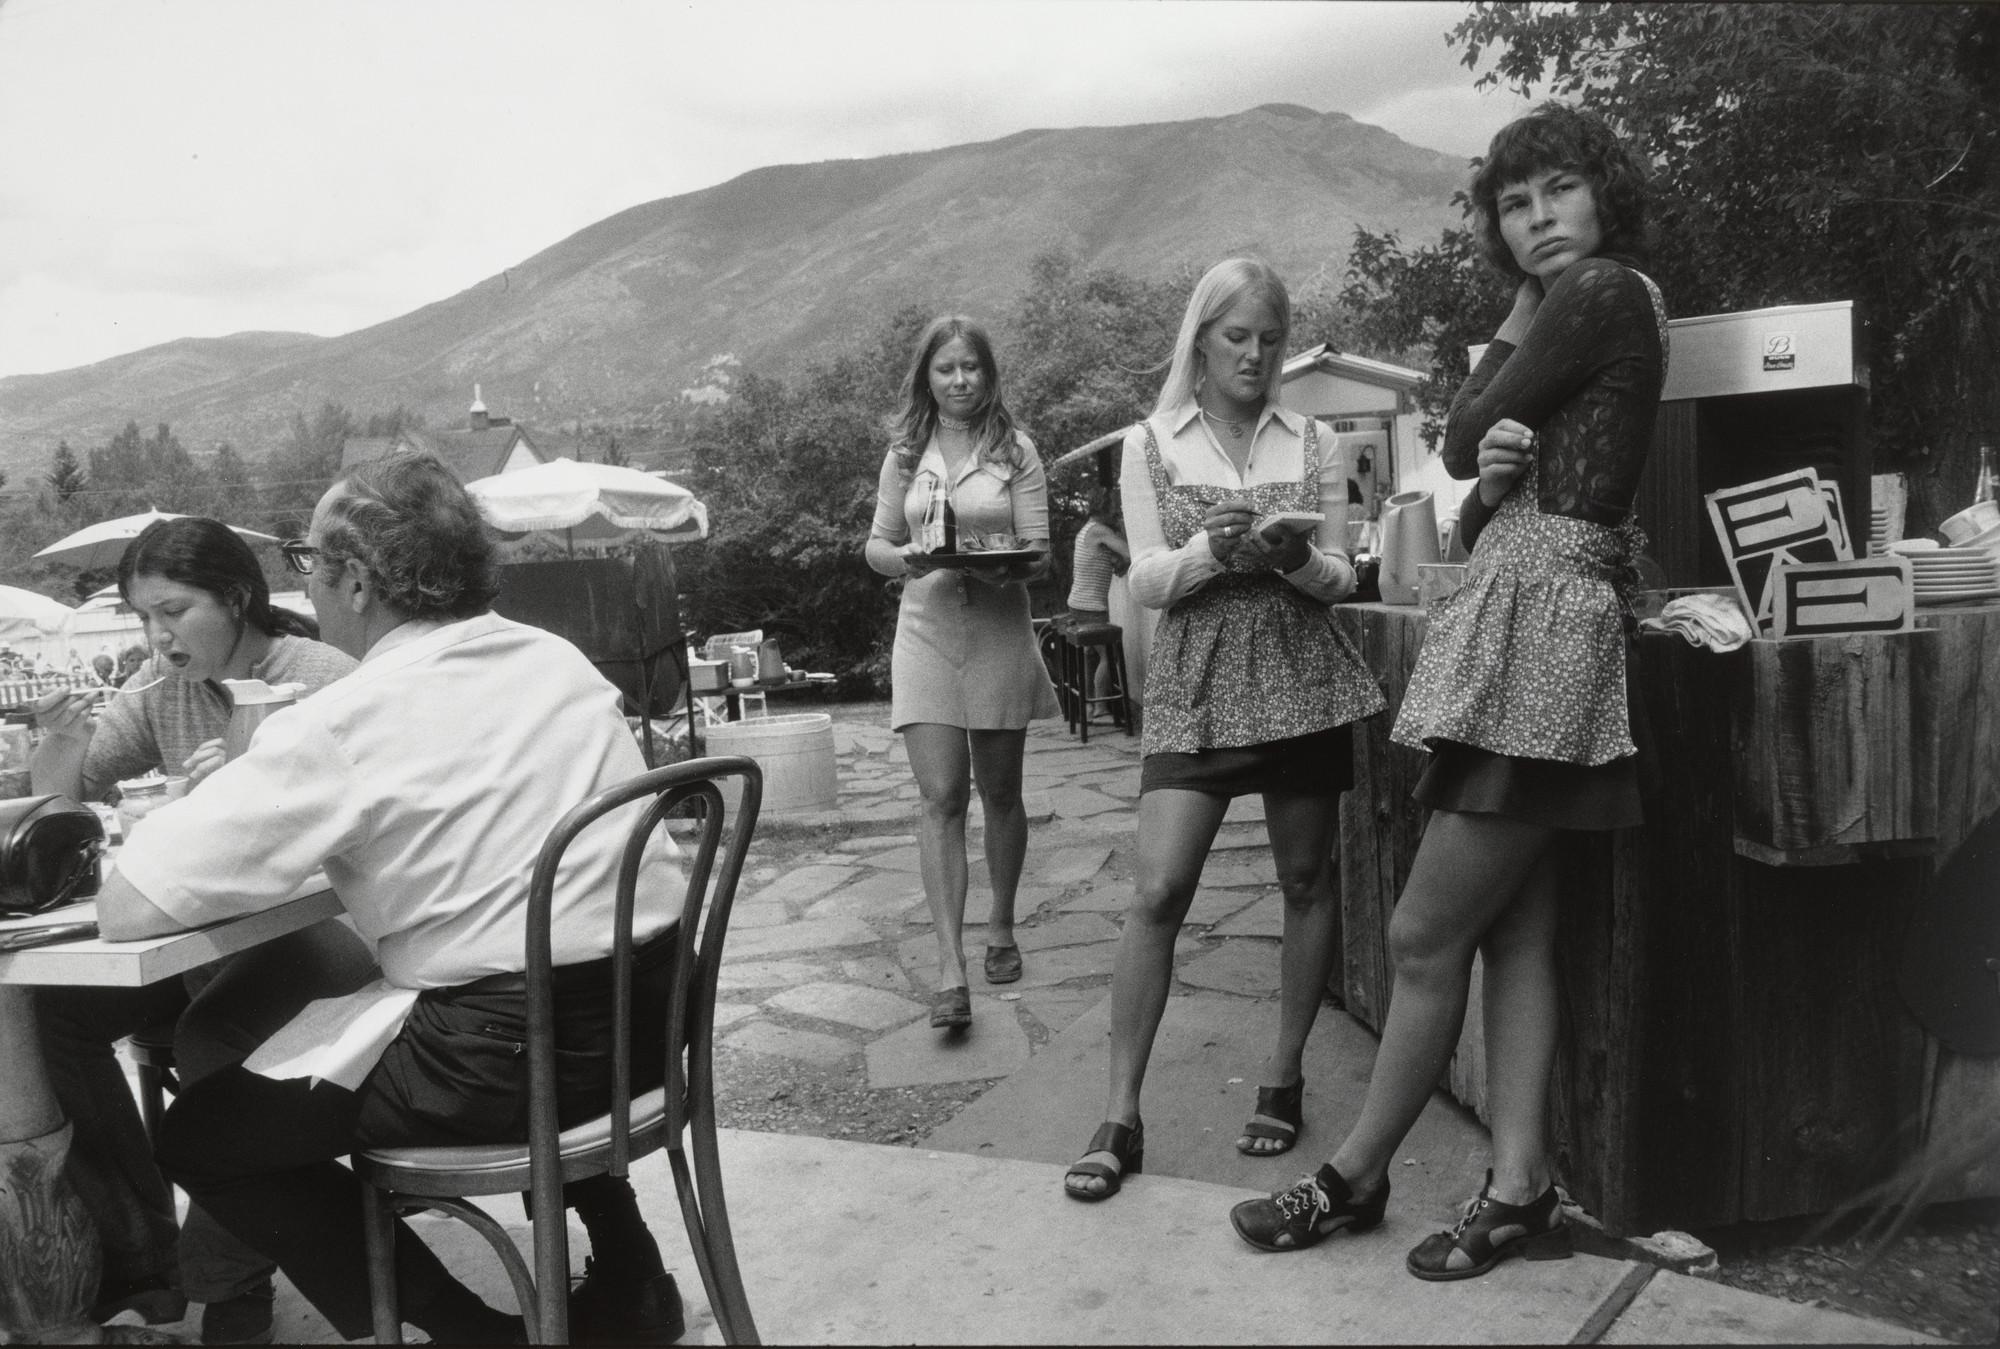 Официантки на террасе ресторана, Аспен, Колорадо, 1970-е. Фотограф Гарри Виногранд